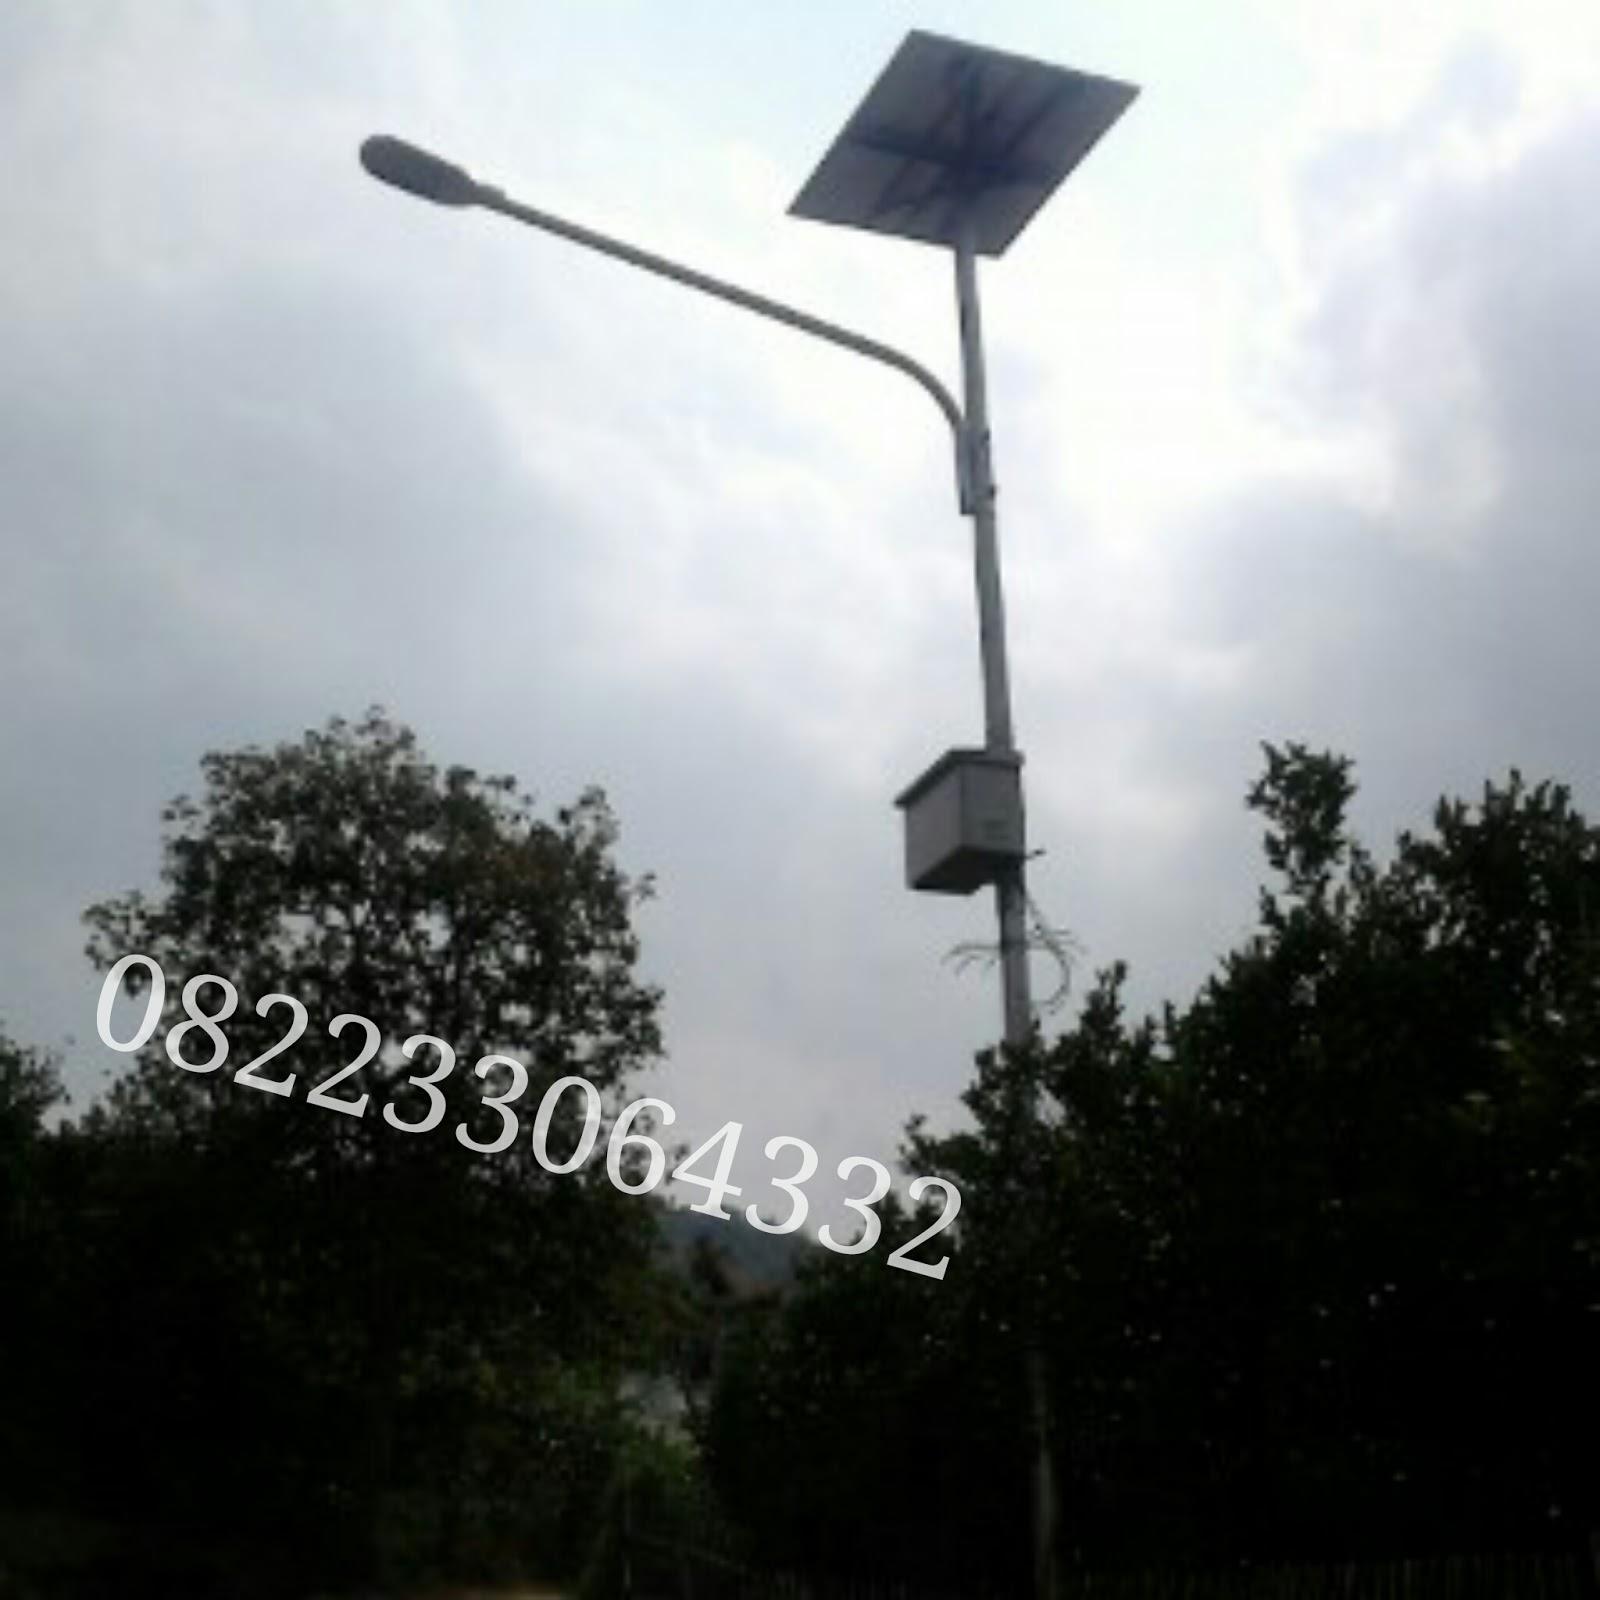 JUAL PAKET LAMPU PJU (Penerangan Jalan Umum) SOLAR CELL TERMURAH